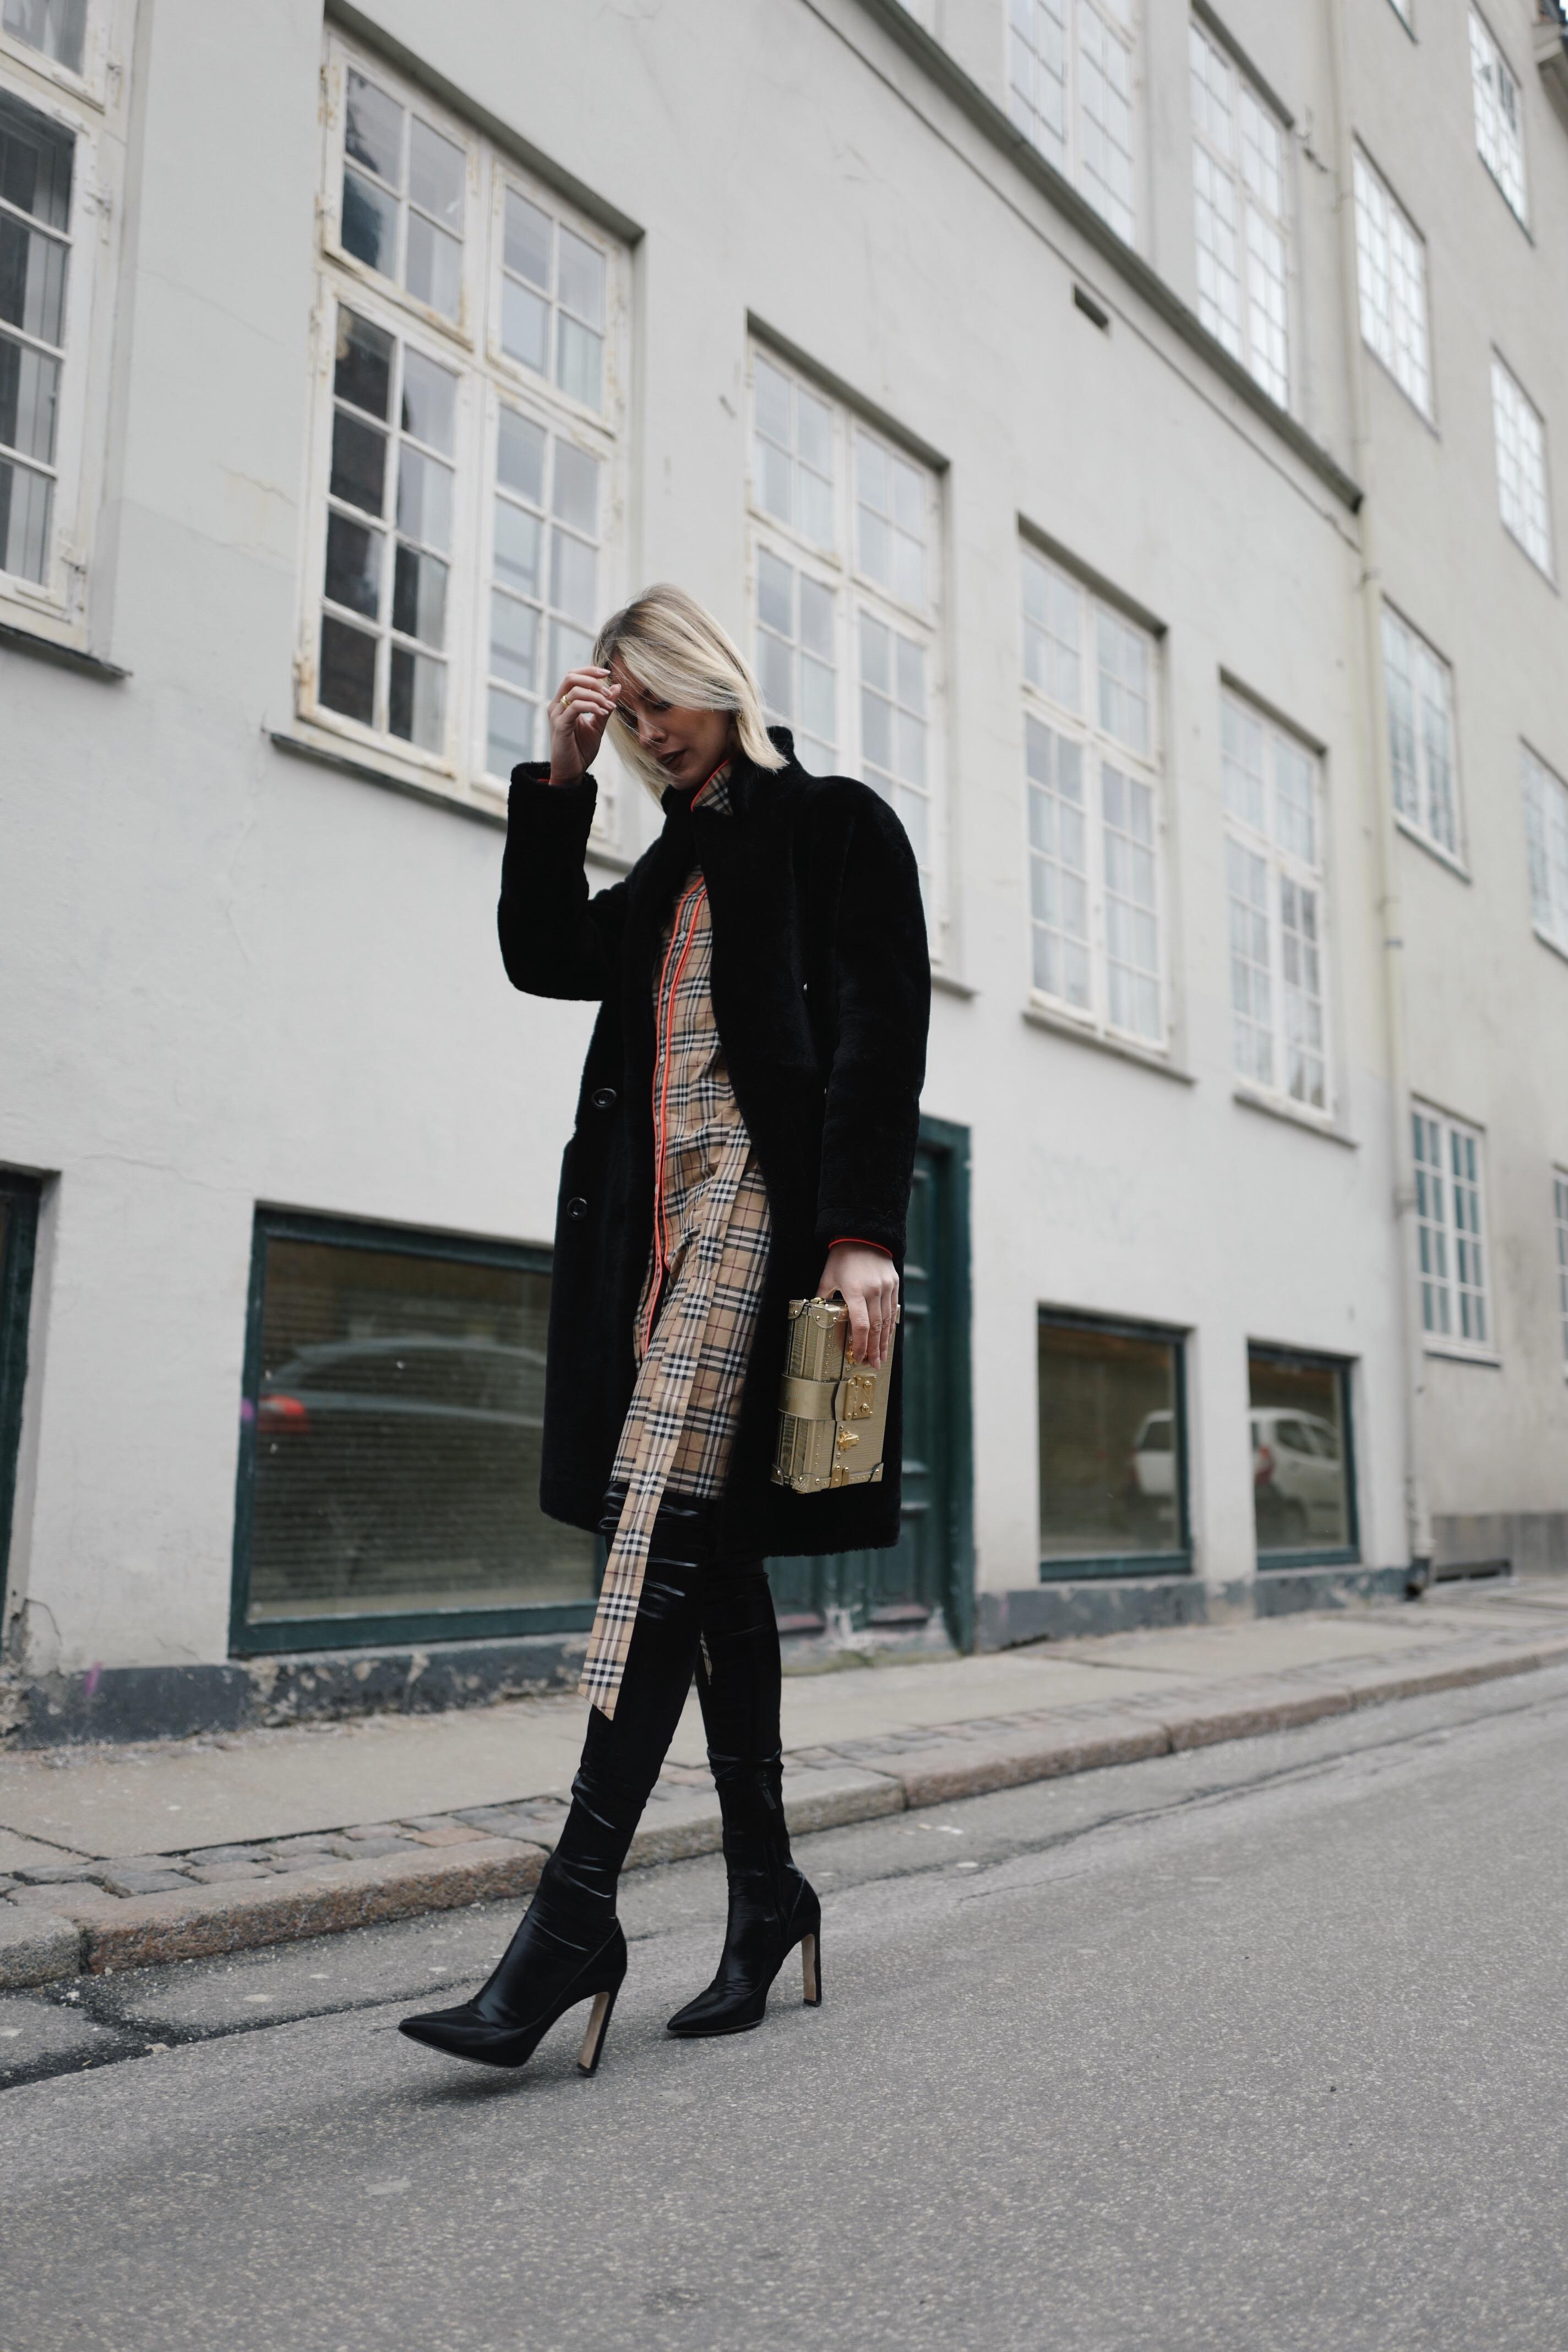 63b0c888a852 Burberry shirt dress - all time classic - Lisa Hahnbück - Fashion ...